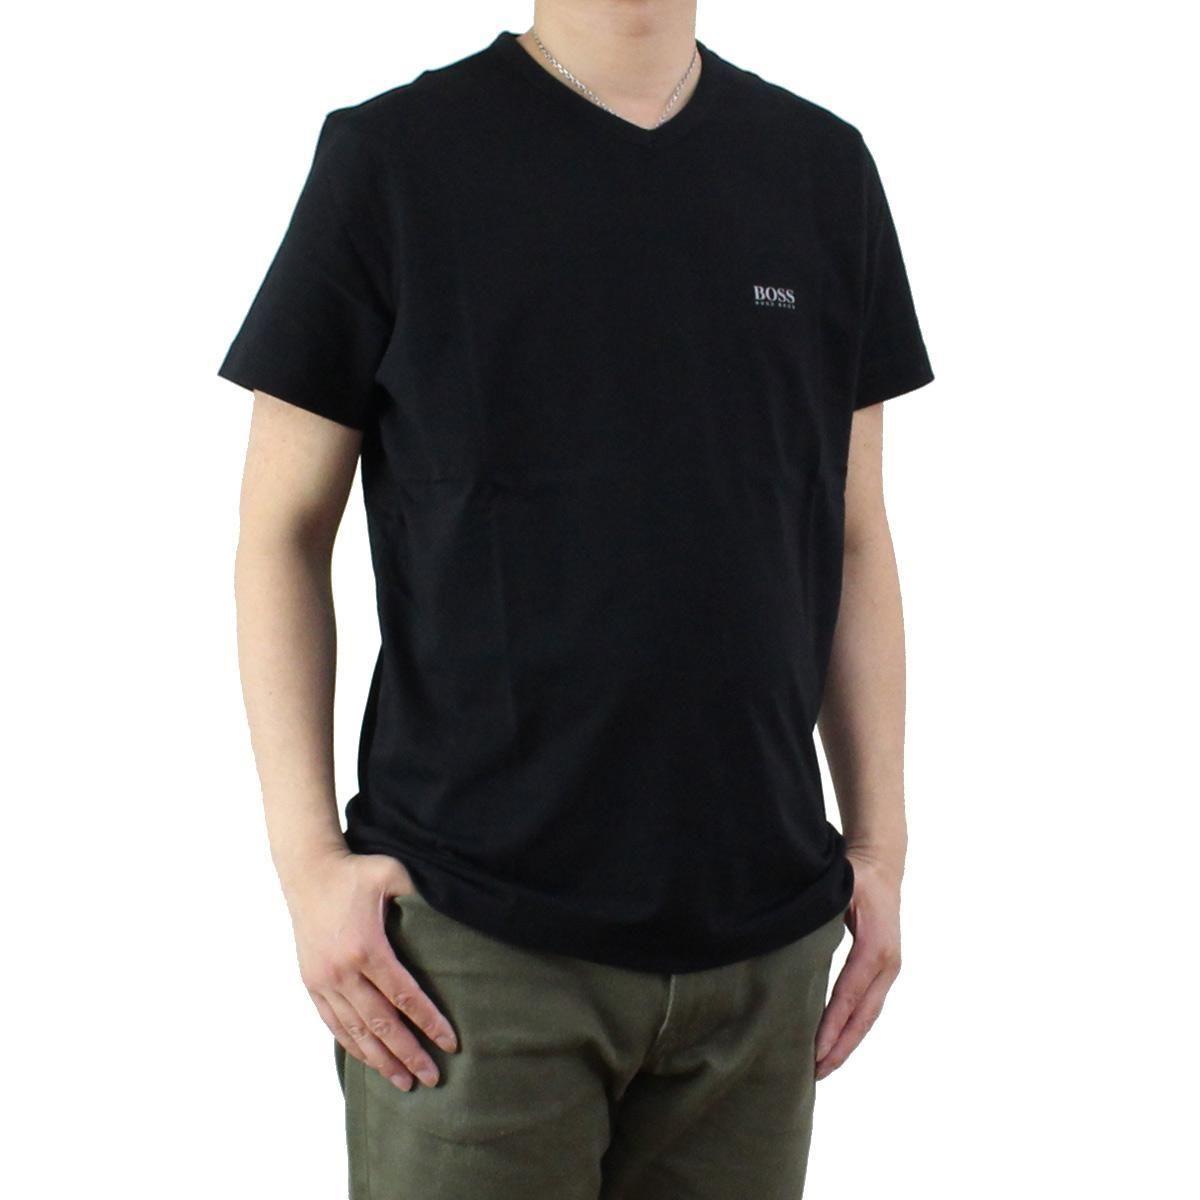 ヒューゴ・ボス (HUGO BOSS) TEEVN メンズ Vネック Tシャツ 50271056 10106415 001 ブラック サイズ(#L)